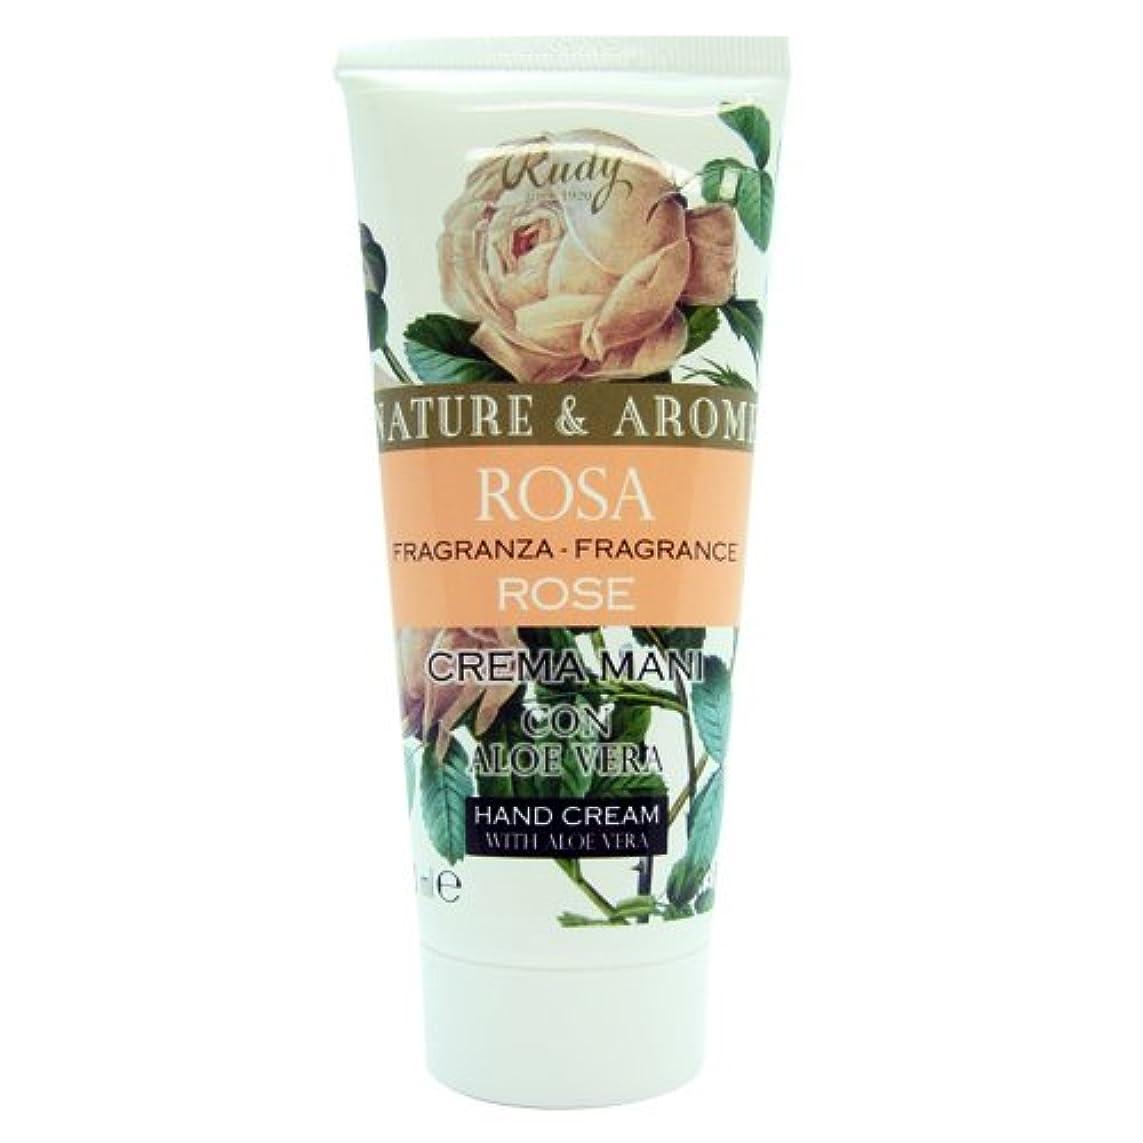 偽エージェント公爵夫人RUDY Nature&Arome SERIES ルディ ナチュール&アロマ Hand Cream ハンドクリーム Rose ローズ